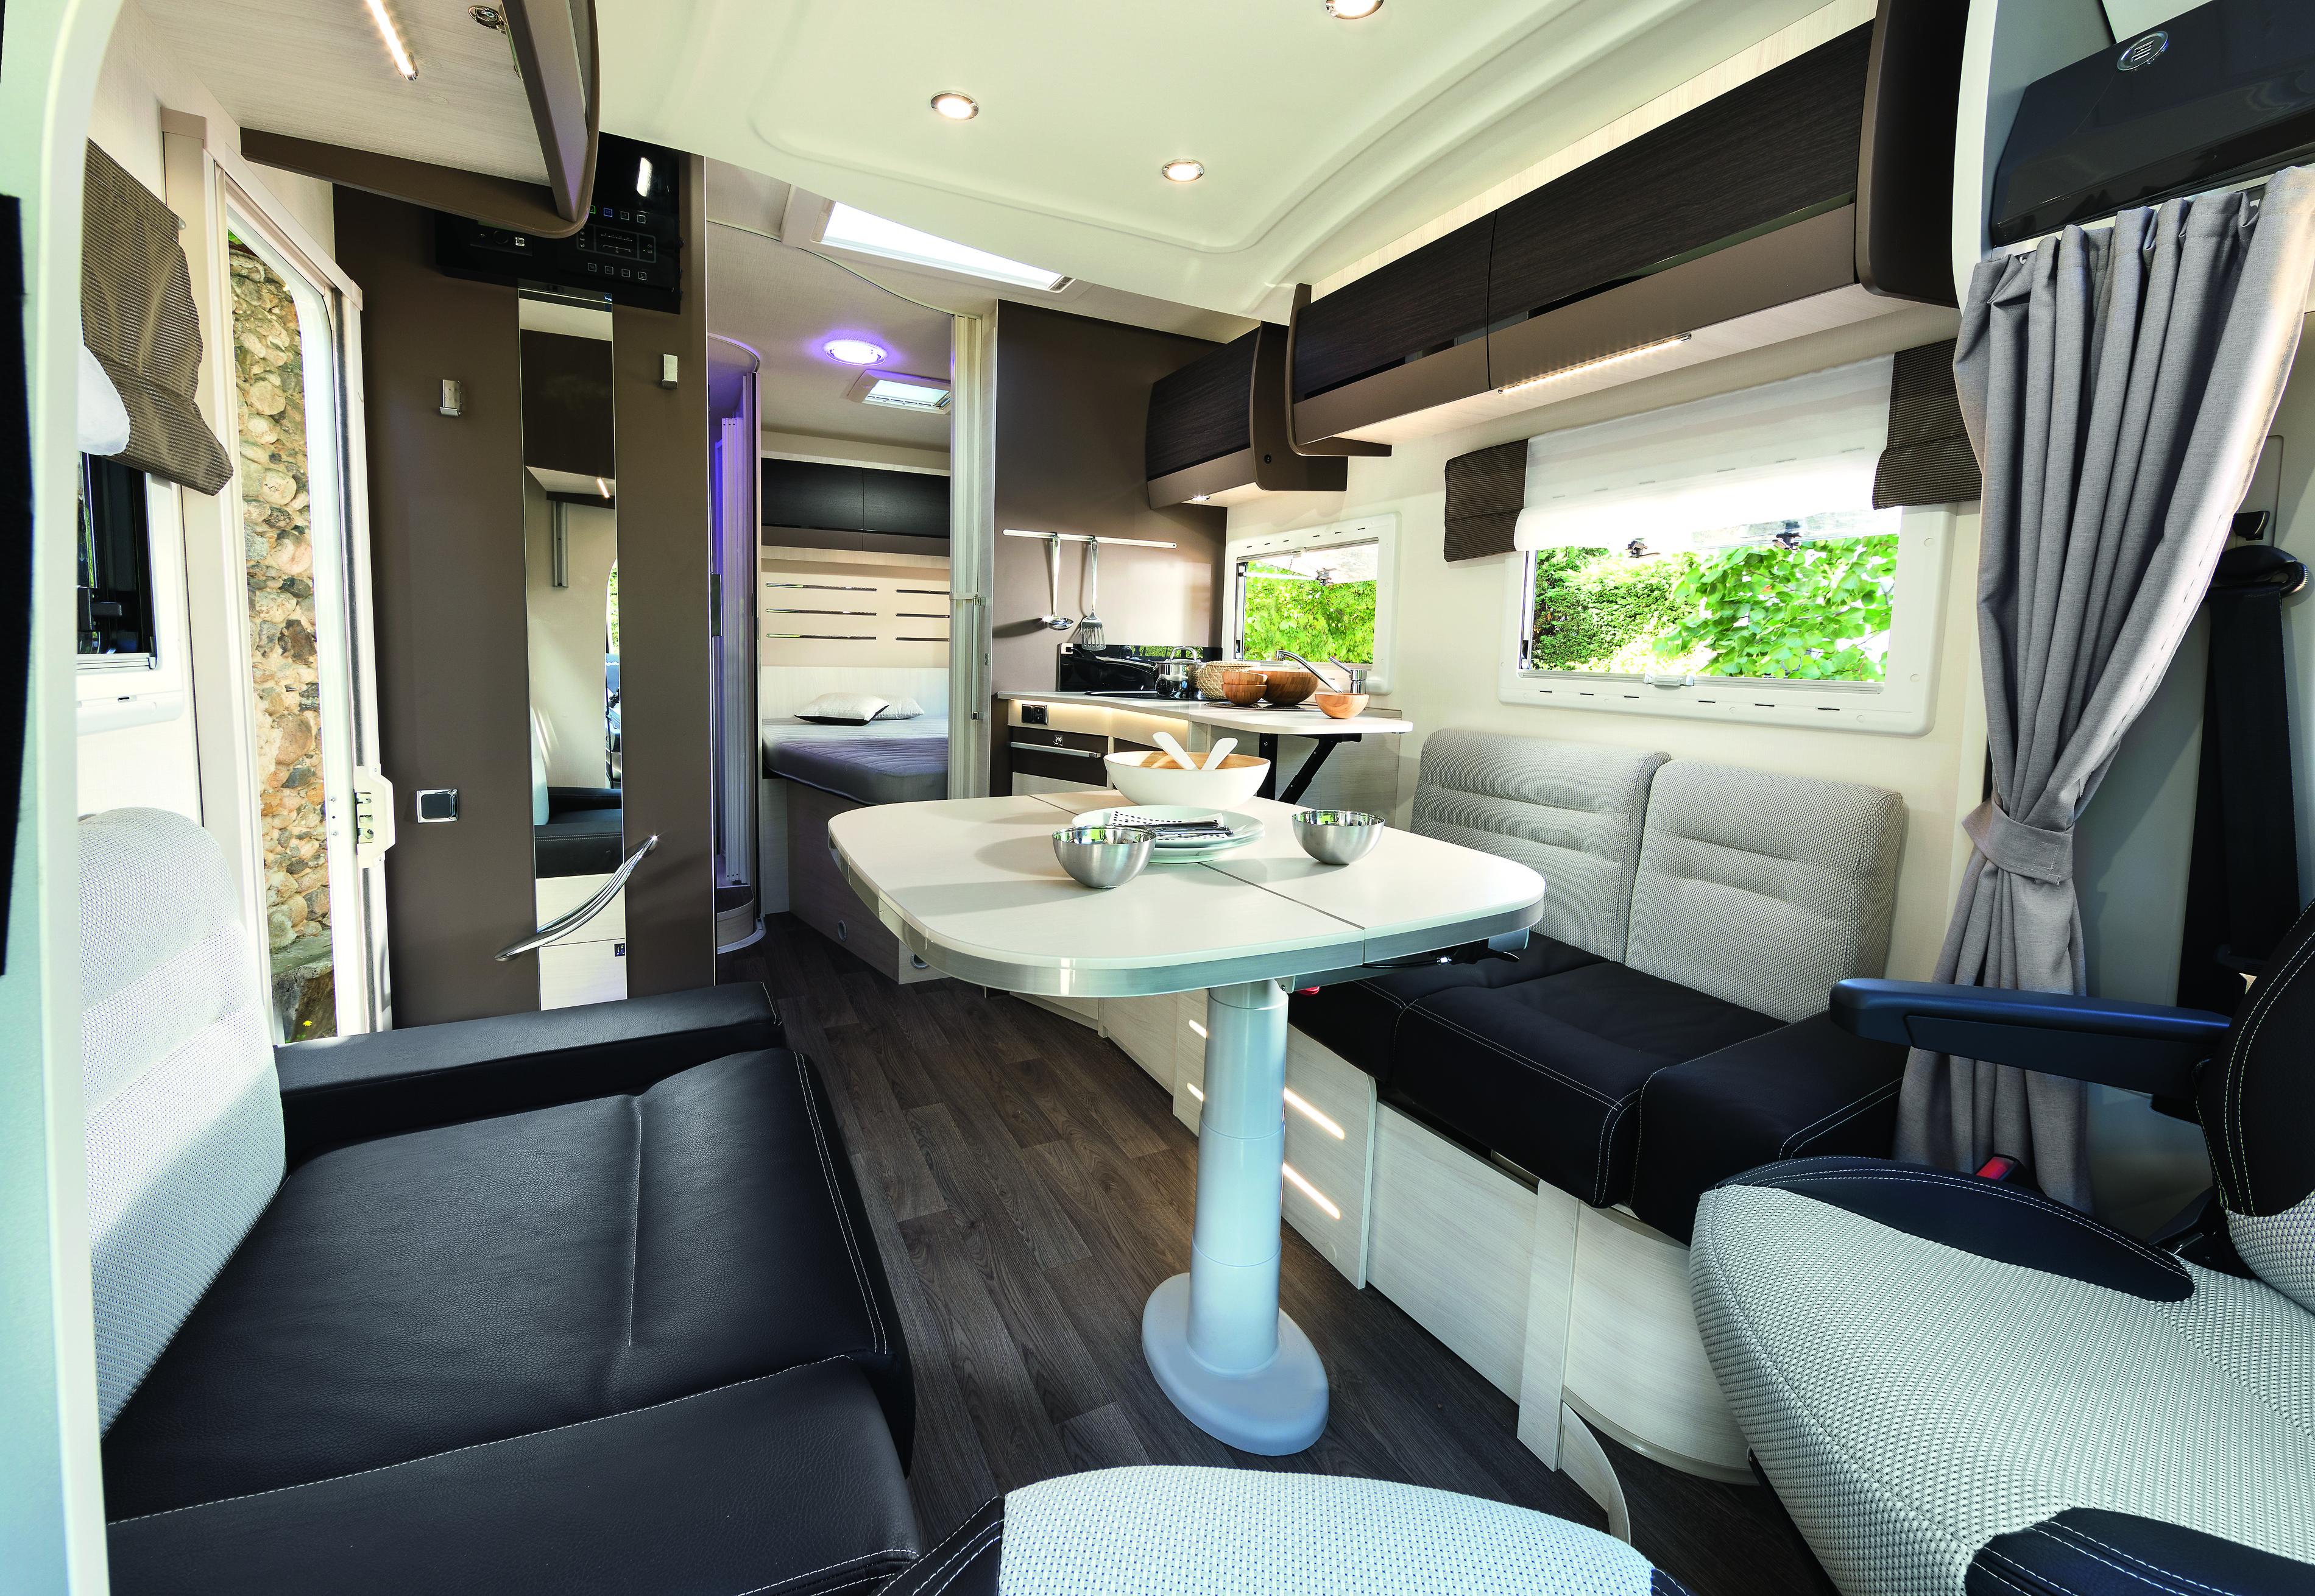 Wohnmobil Innenraum